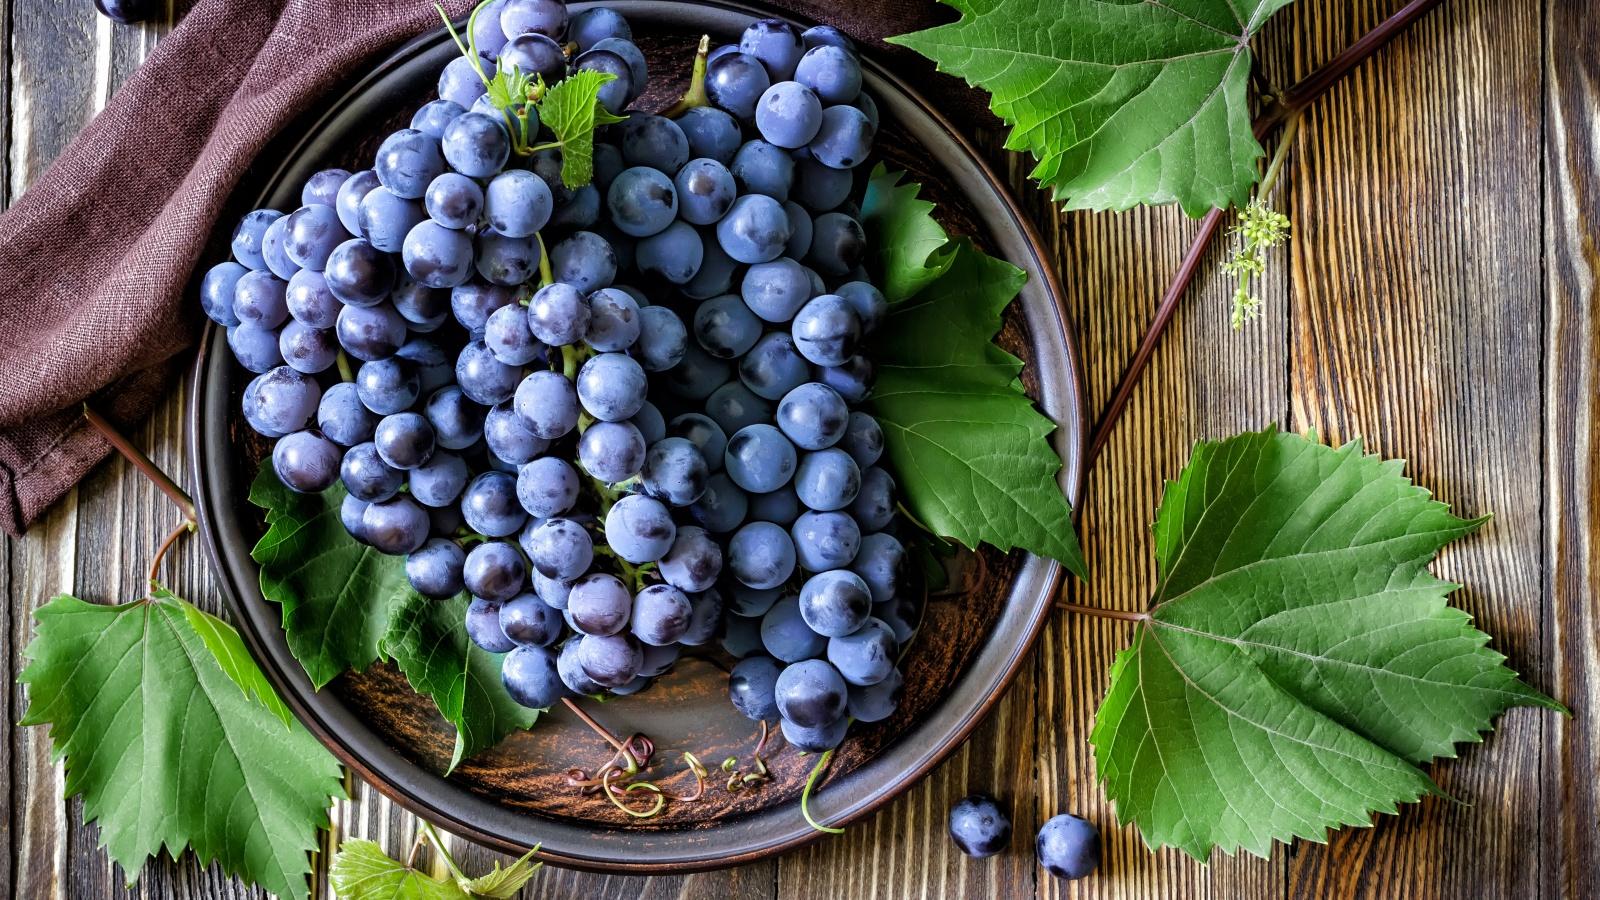 vinograd-krasnyy-listya-yagody